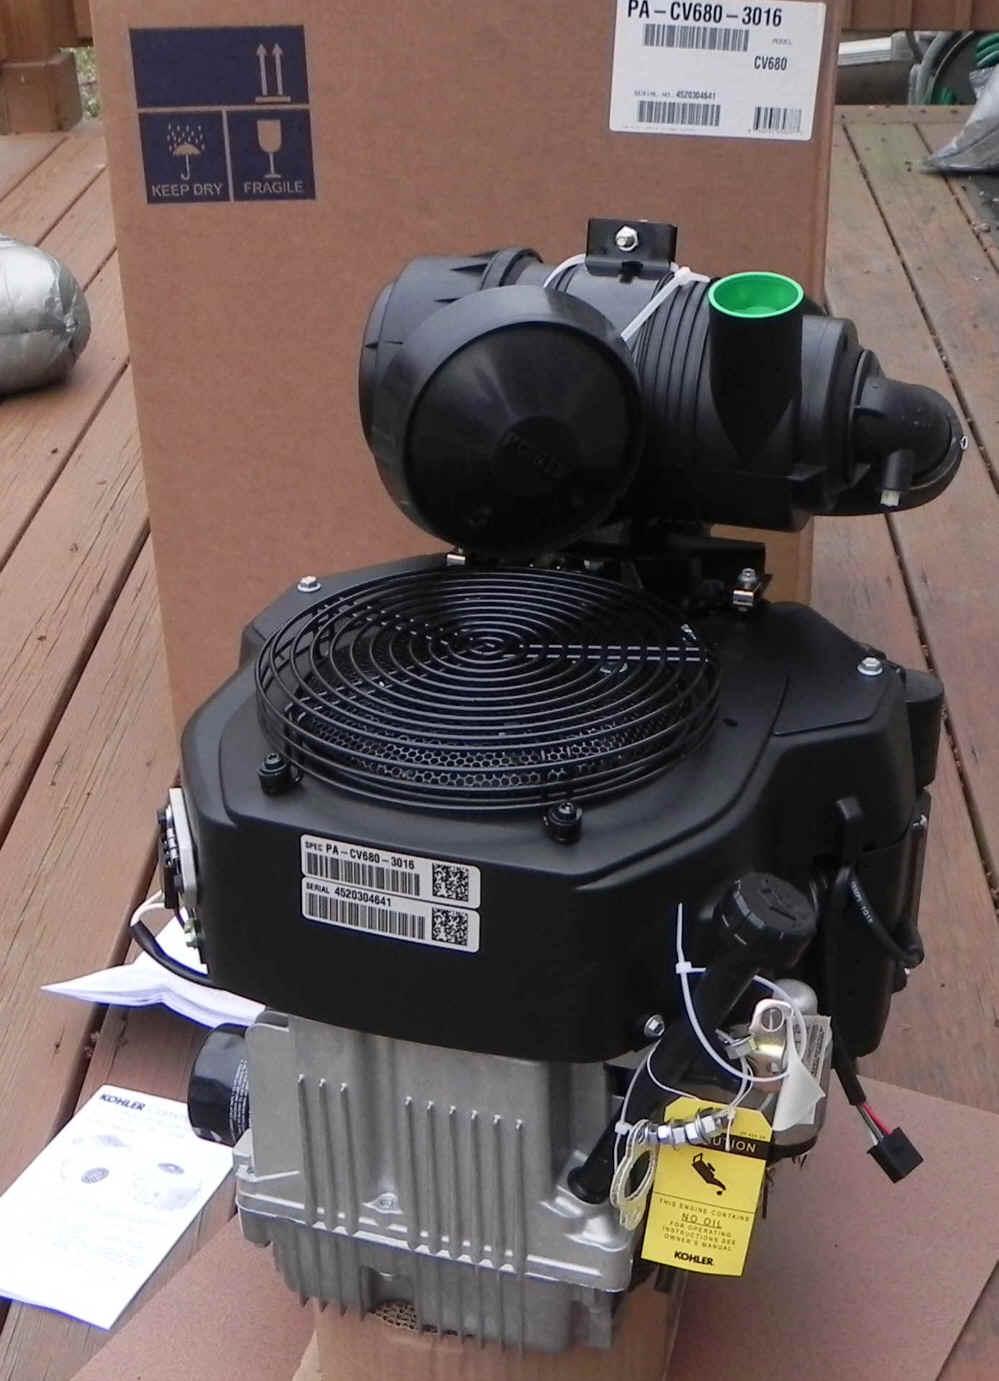 Kohler CV680-3016 23 HP PA-CV680-3016 EXMARK LASER HP - COMMERCIAL RIDER